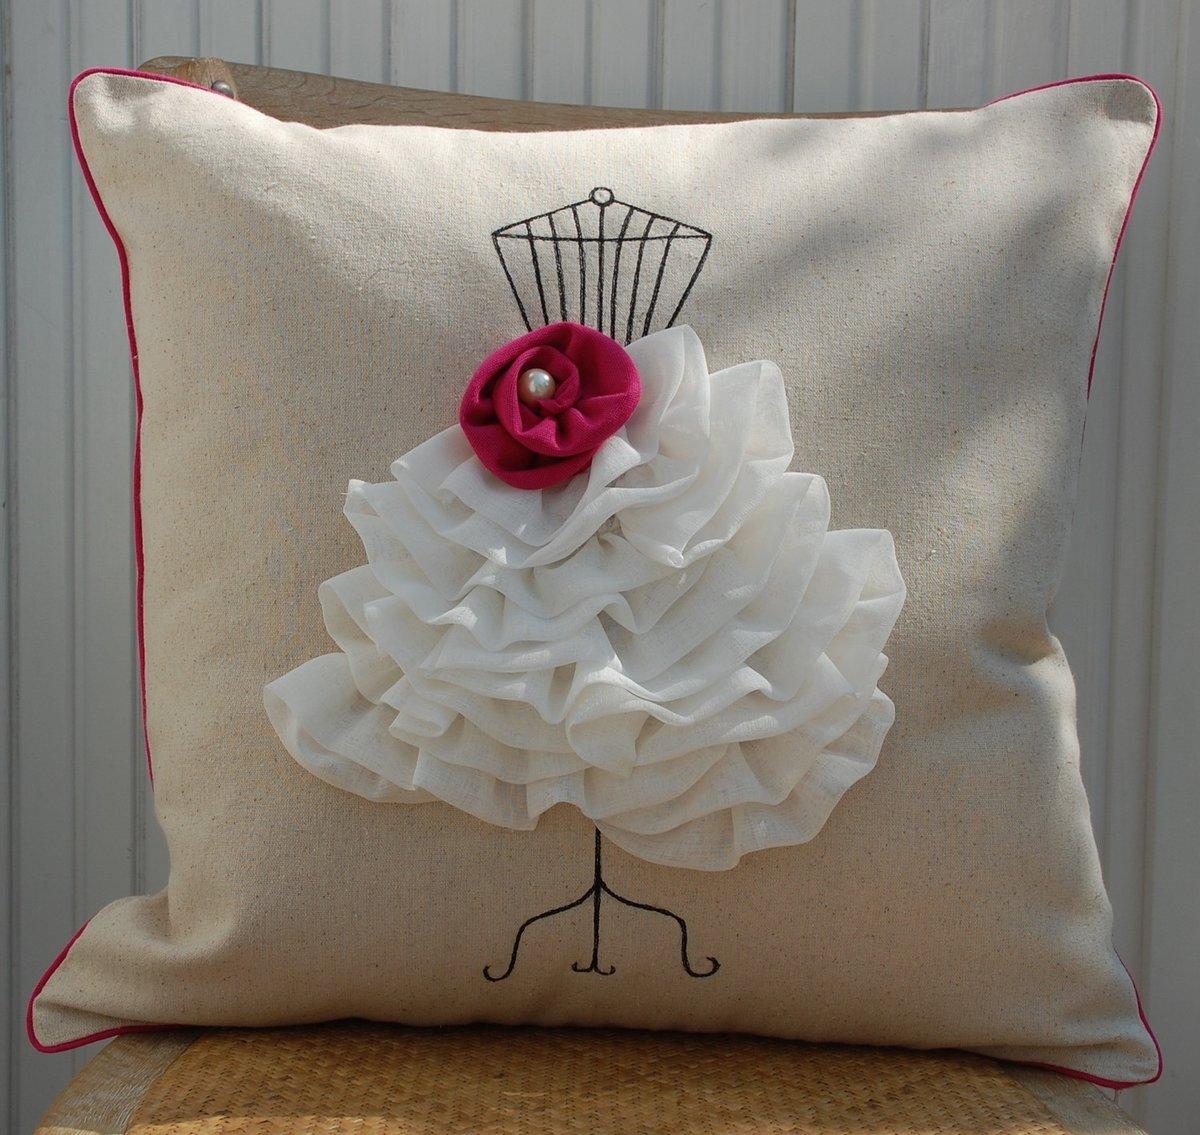 Сшить декоративную подушку своими руками мастер класс